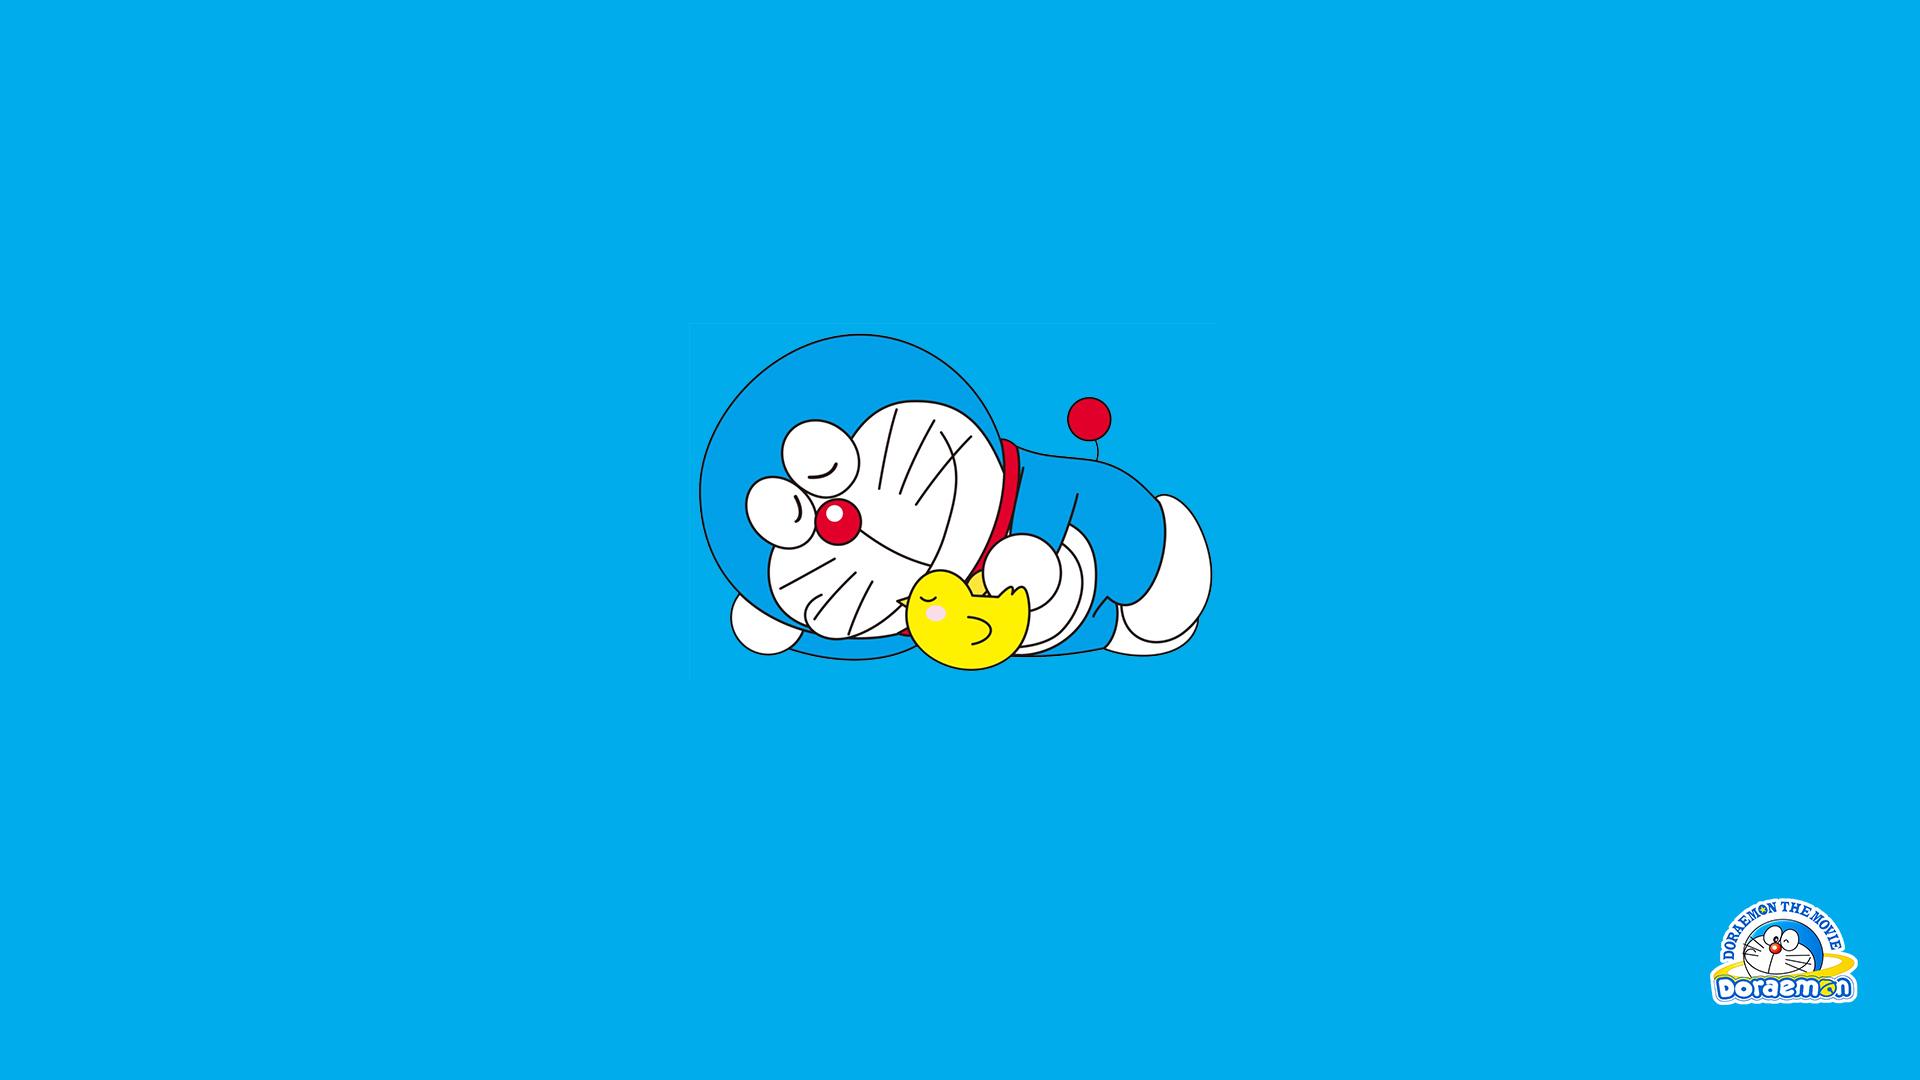 哆啦A梦 电脑桌面 1920x1080图片